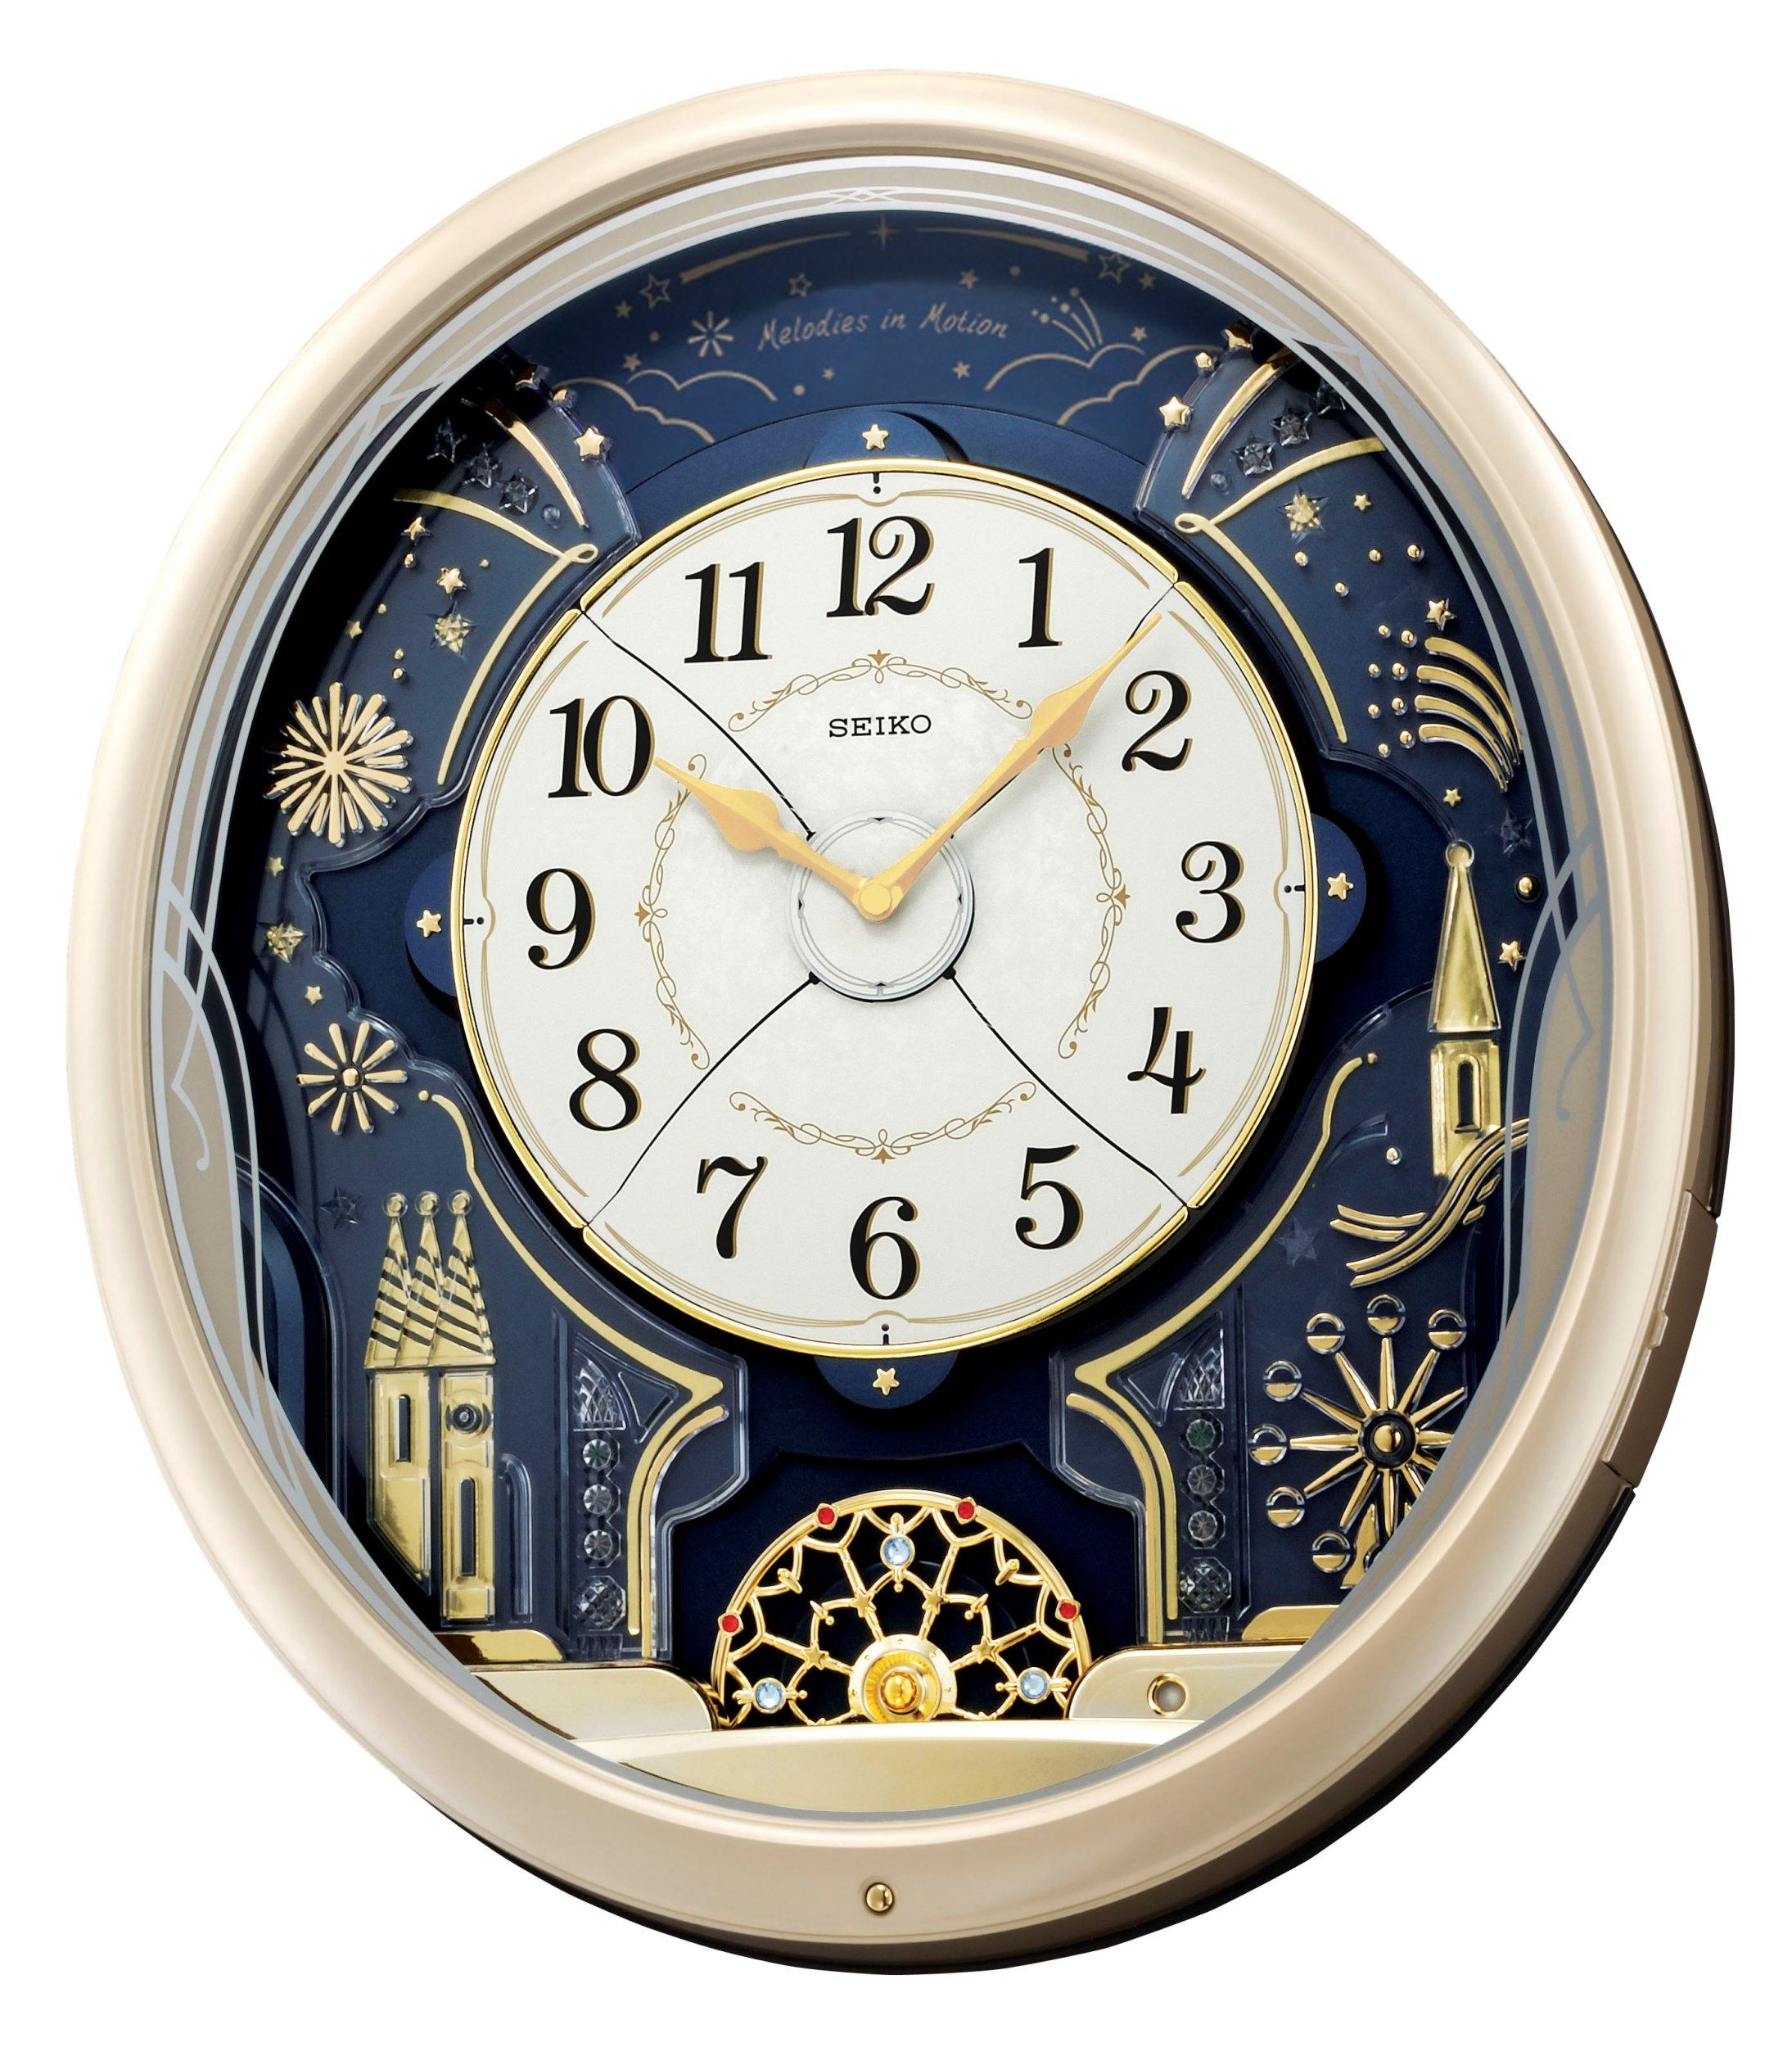 ساعت دیواری Seiko | ساعت دیواری Seiko